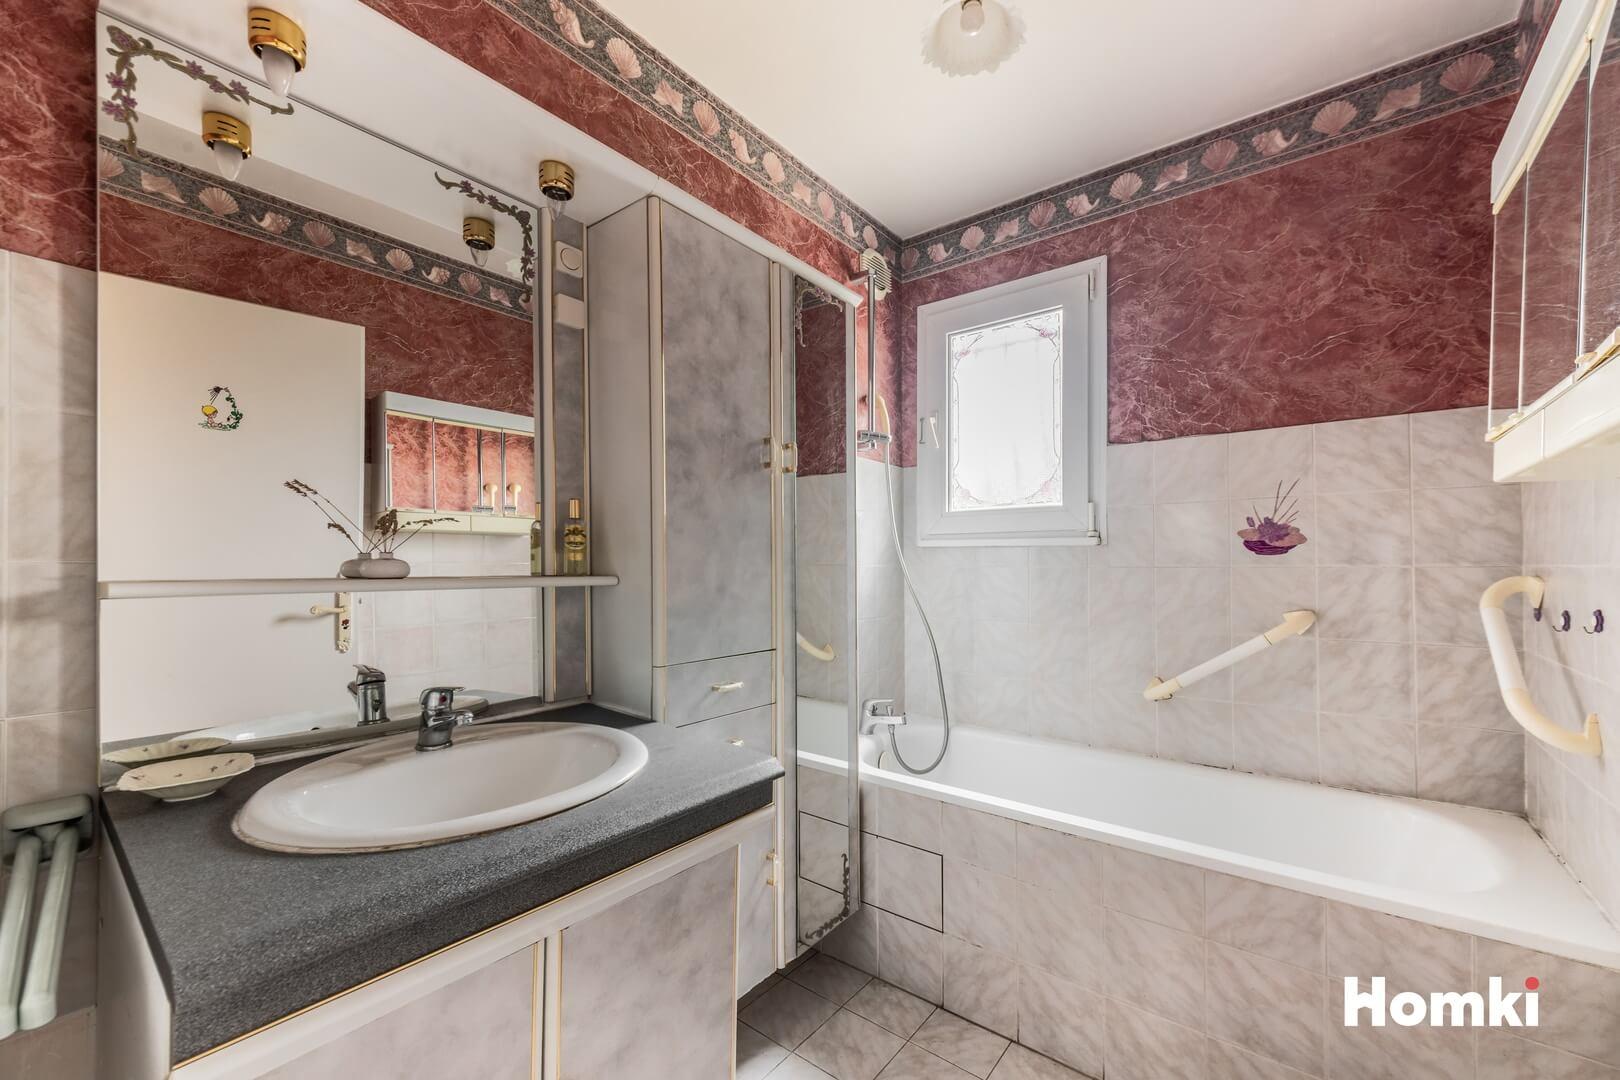 Homki - Vente Appartement  de 70.0 m² à Marseille 13013